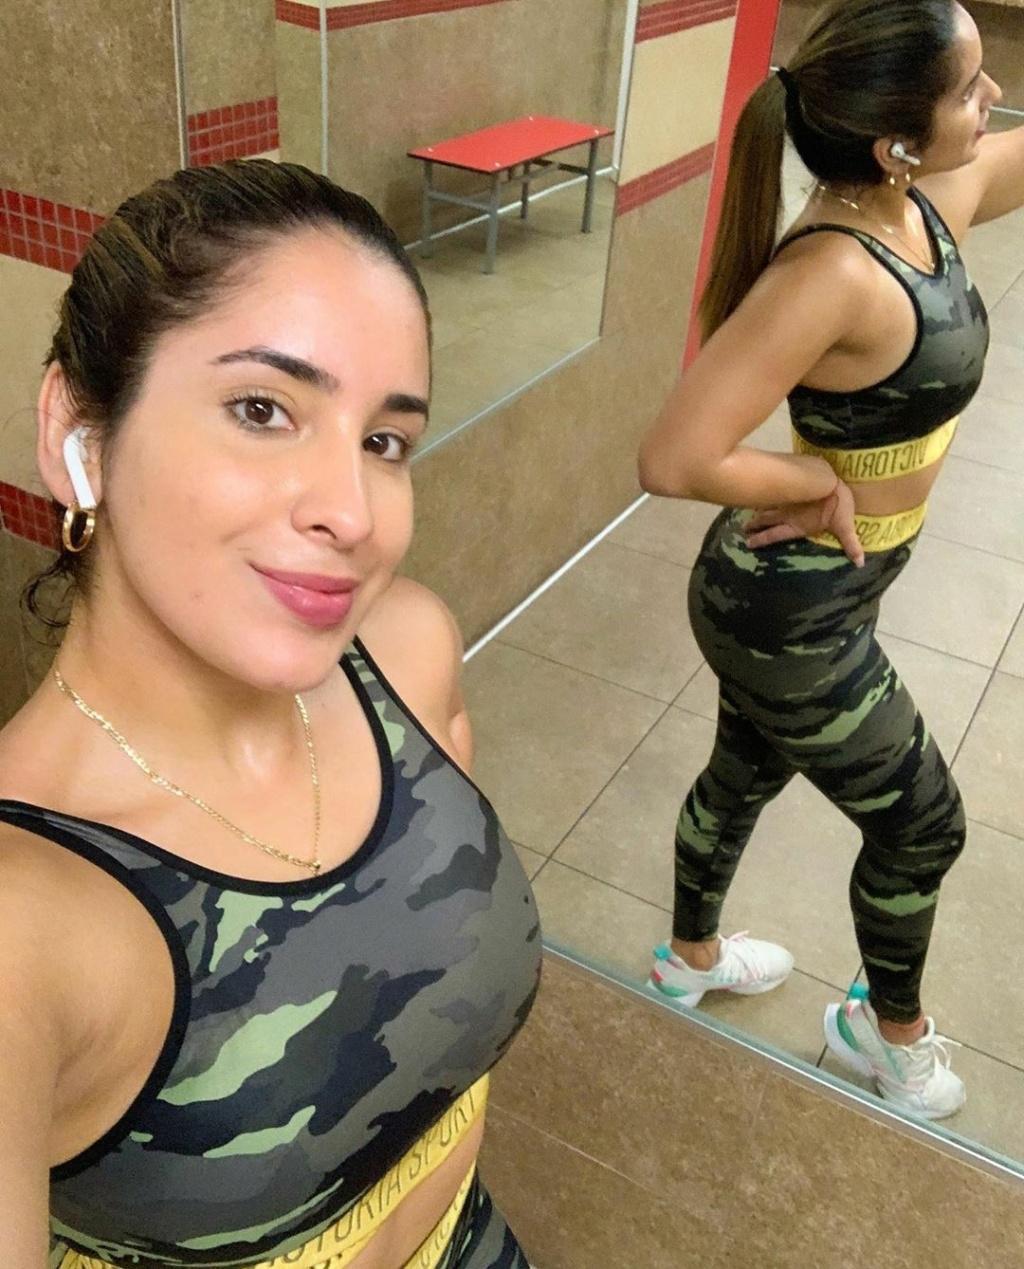 DEBATE sobre belleza, guapura y hermosura (fotos de chicas latinas, mestizas, y de todo) - VOL II - Página 6 Img_2595